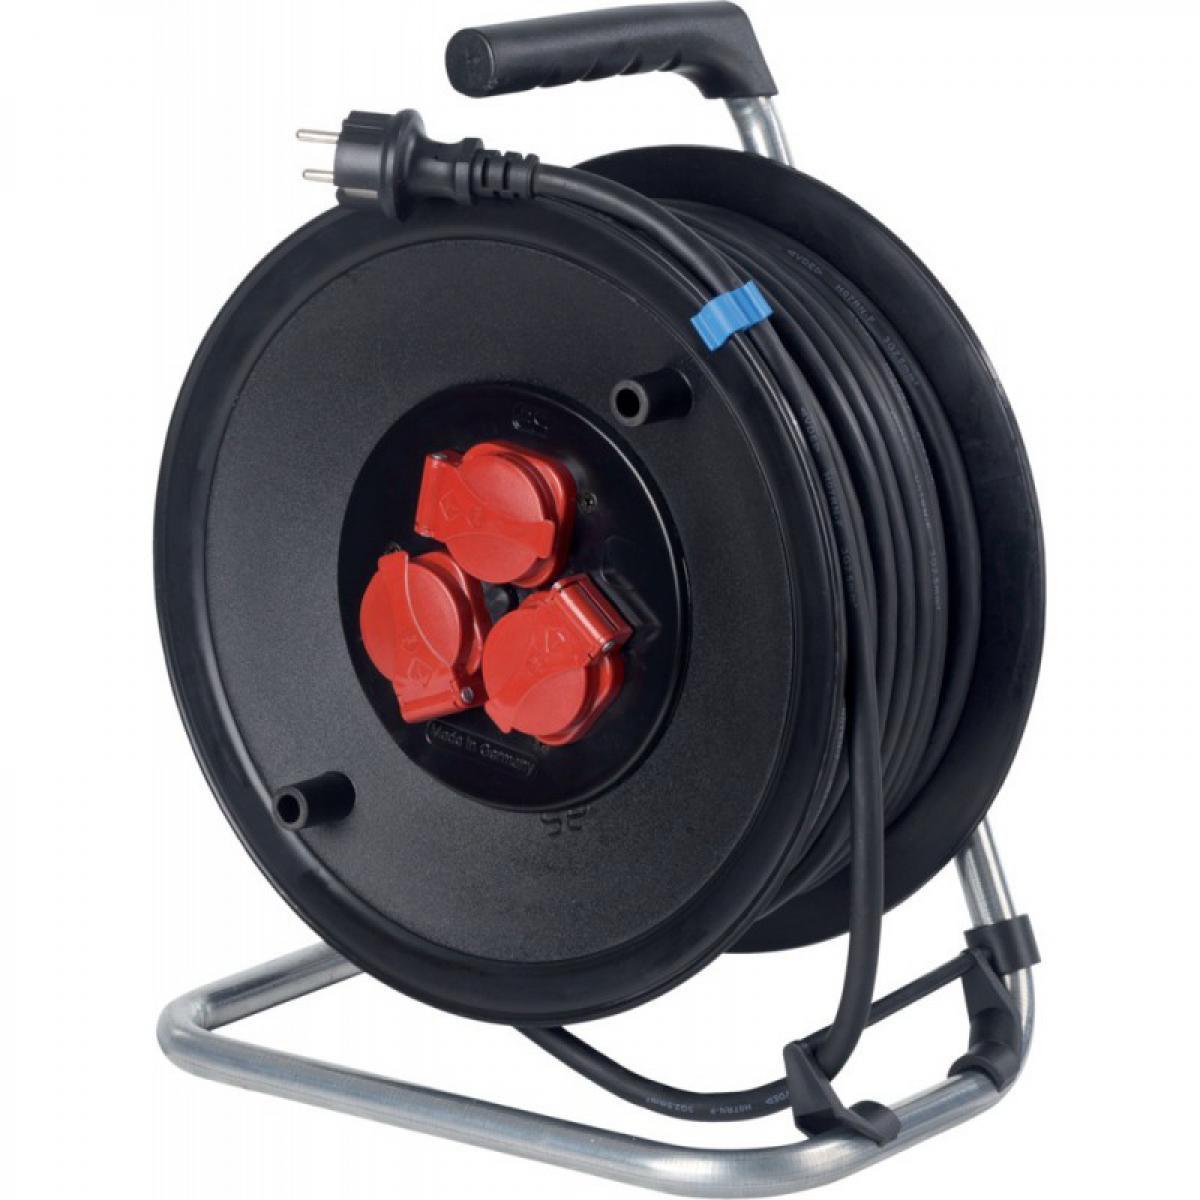 Schwabe Enrouleur de cable 230mm 25m H07RN-F3G1,5